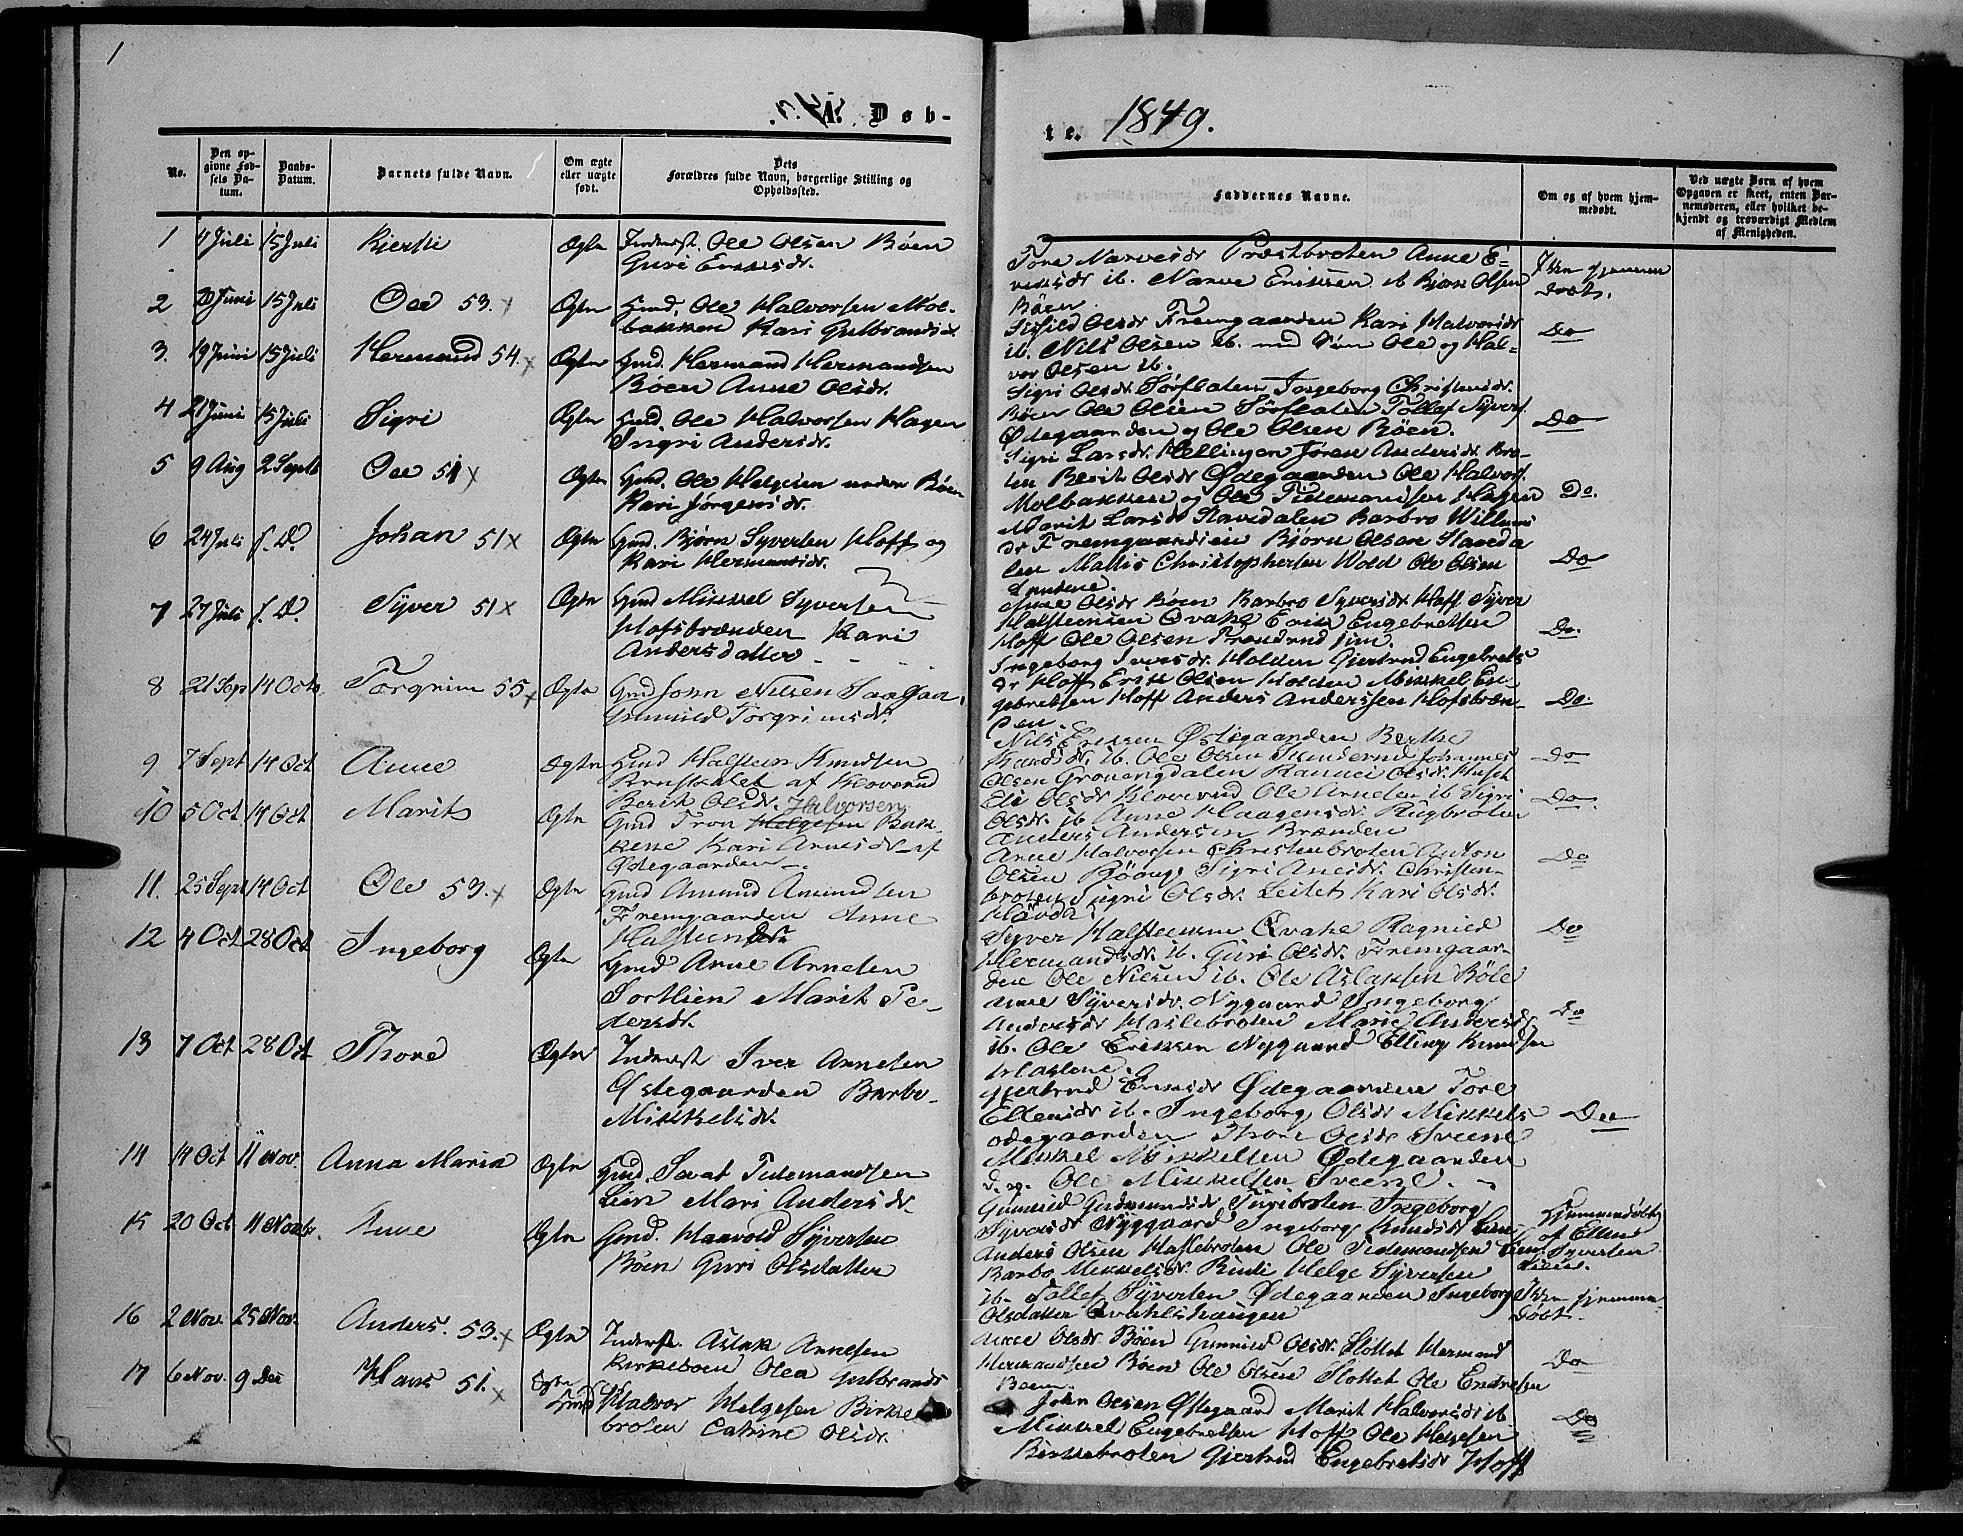 SAH, Sør-Aurdal prestekontor, Ministerialbok nr. 6, 1849-1876, s. 1